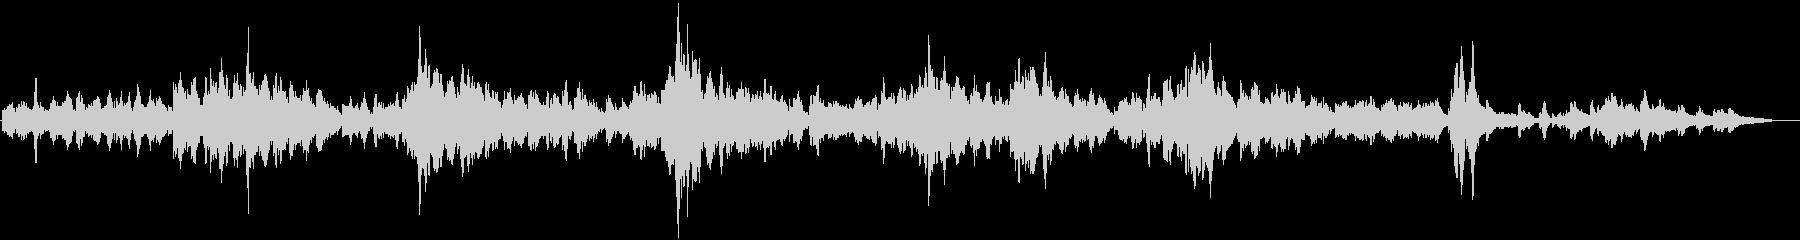 ドヴォルザーク/ロマンティックな小品4の未再生の波形